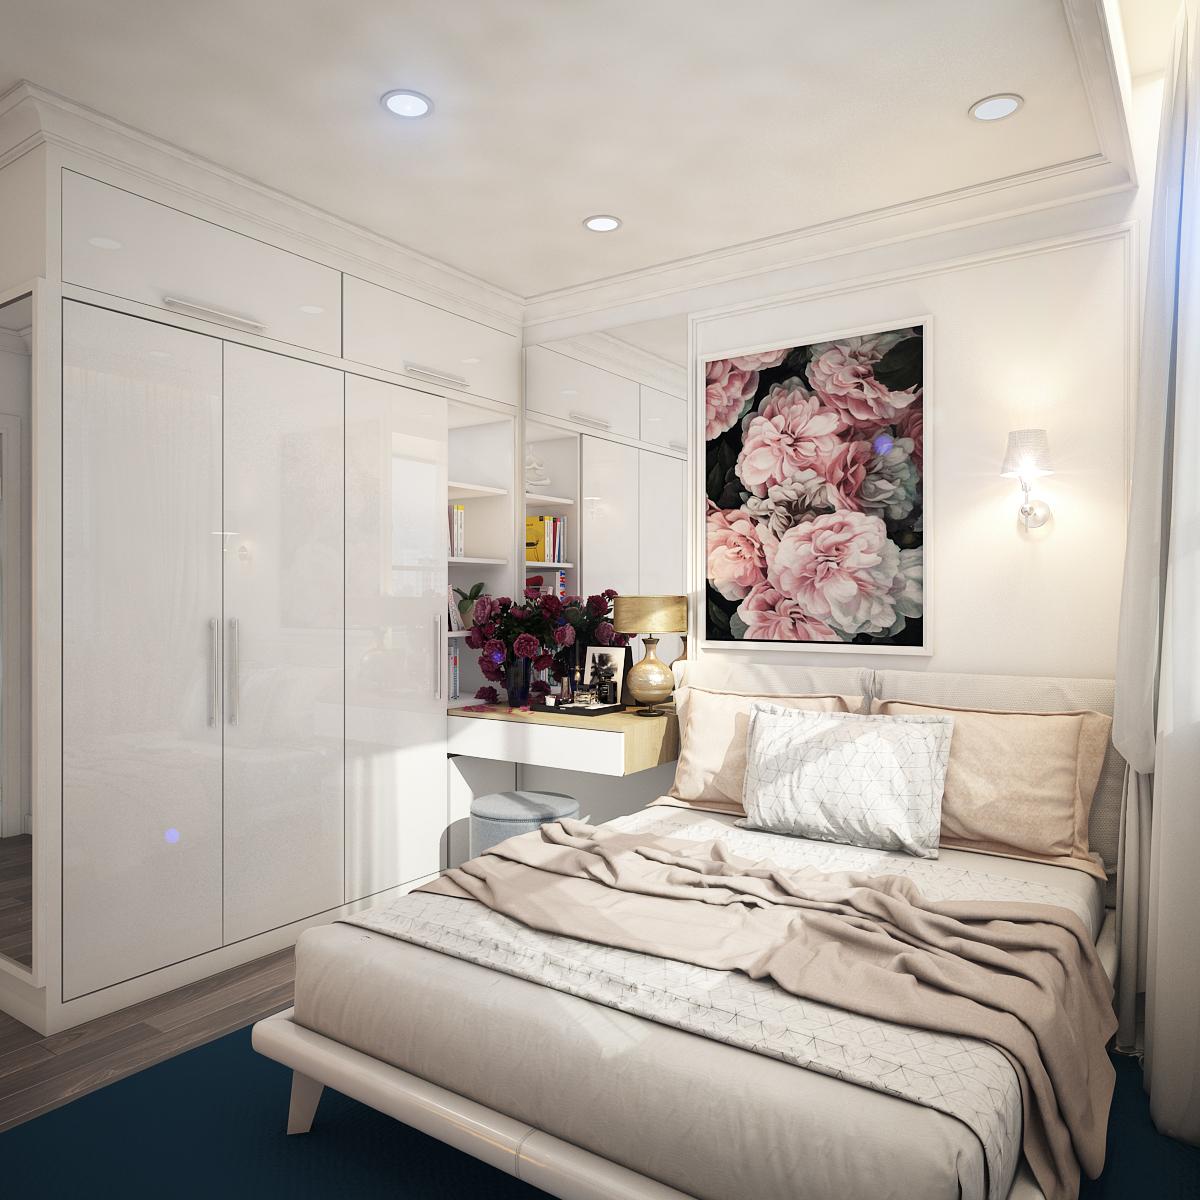 thiết kế nội thất chung cư tại Hồ Chí Minh Chị Ngọc_Goldview 6 1550734616